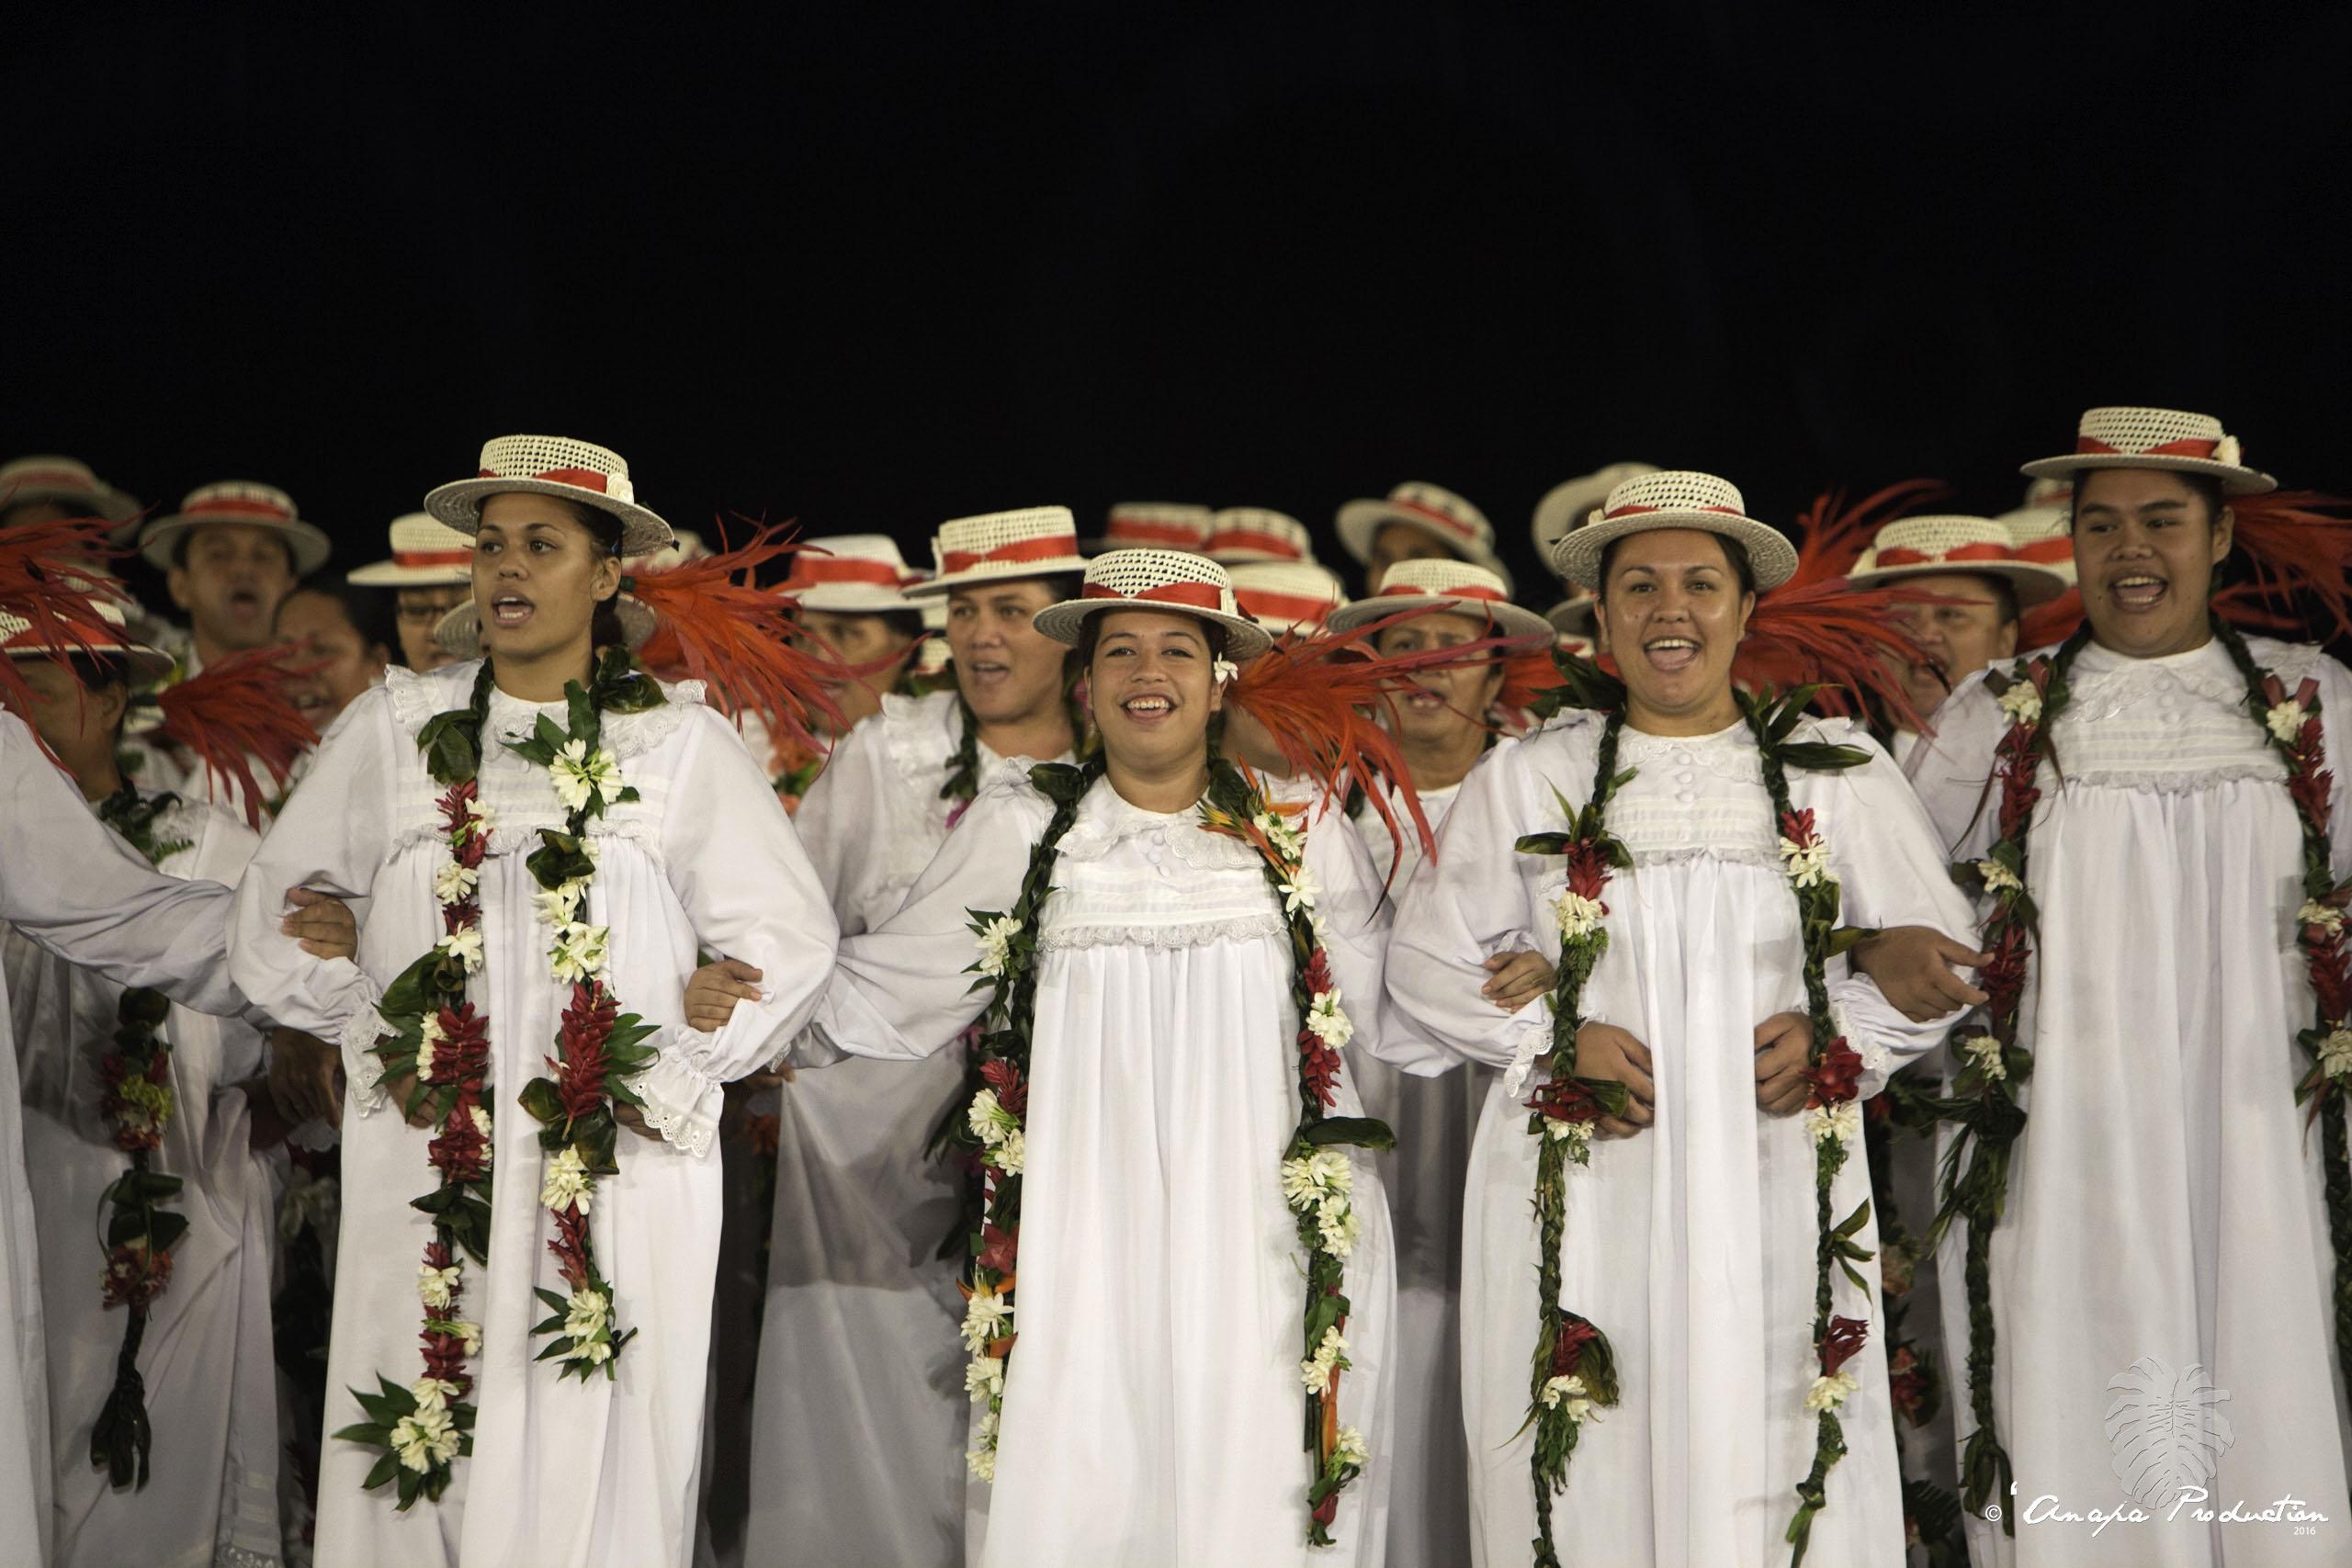 Le groupe Te Pape Ora no Papofai, primé lors du Heiva i Tahiti 2016, fait partie des six formations inscrites. (Photo : Anapa Production)